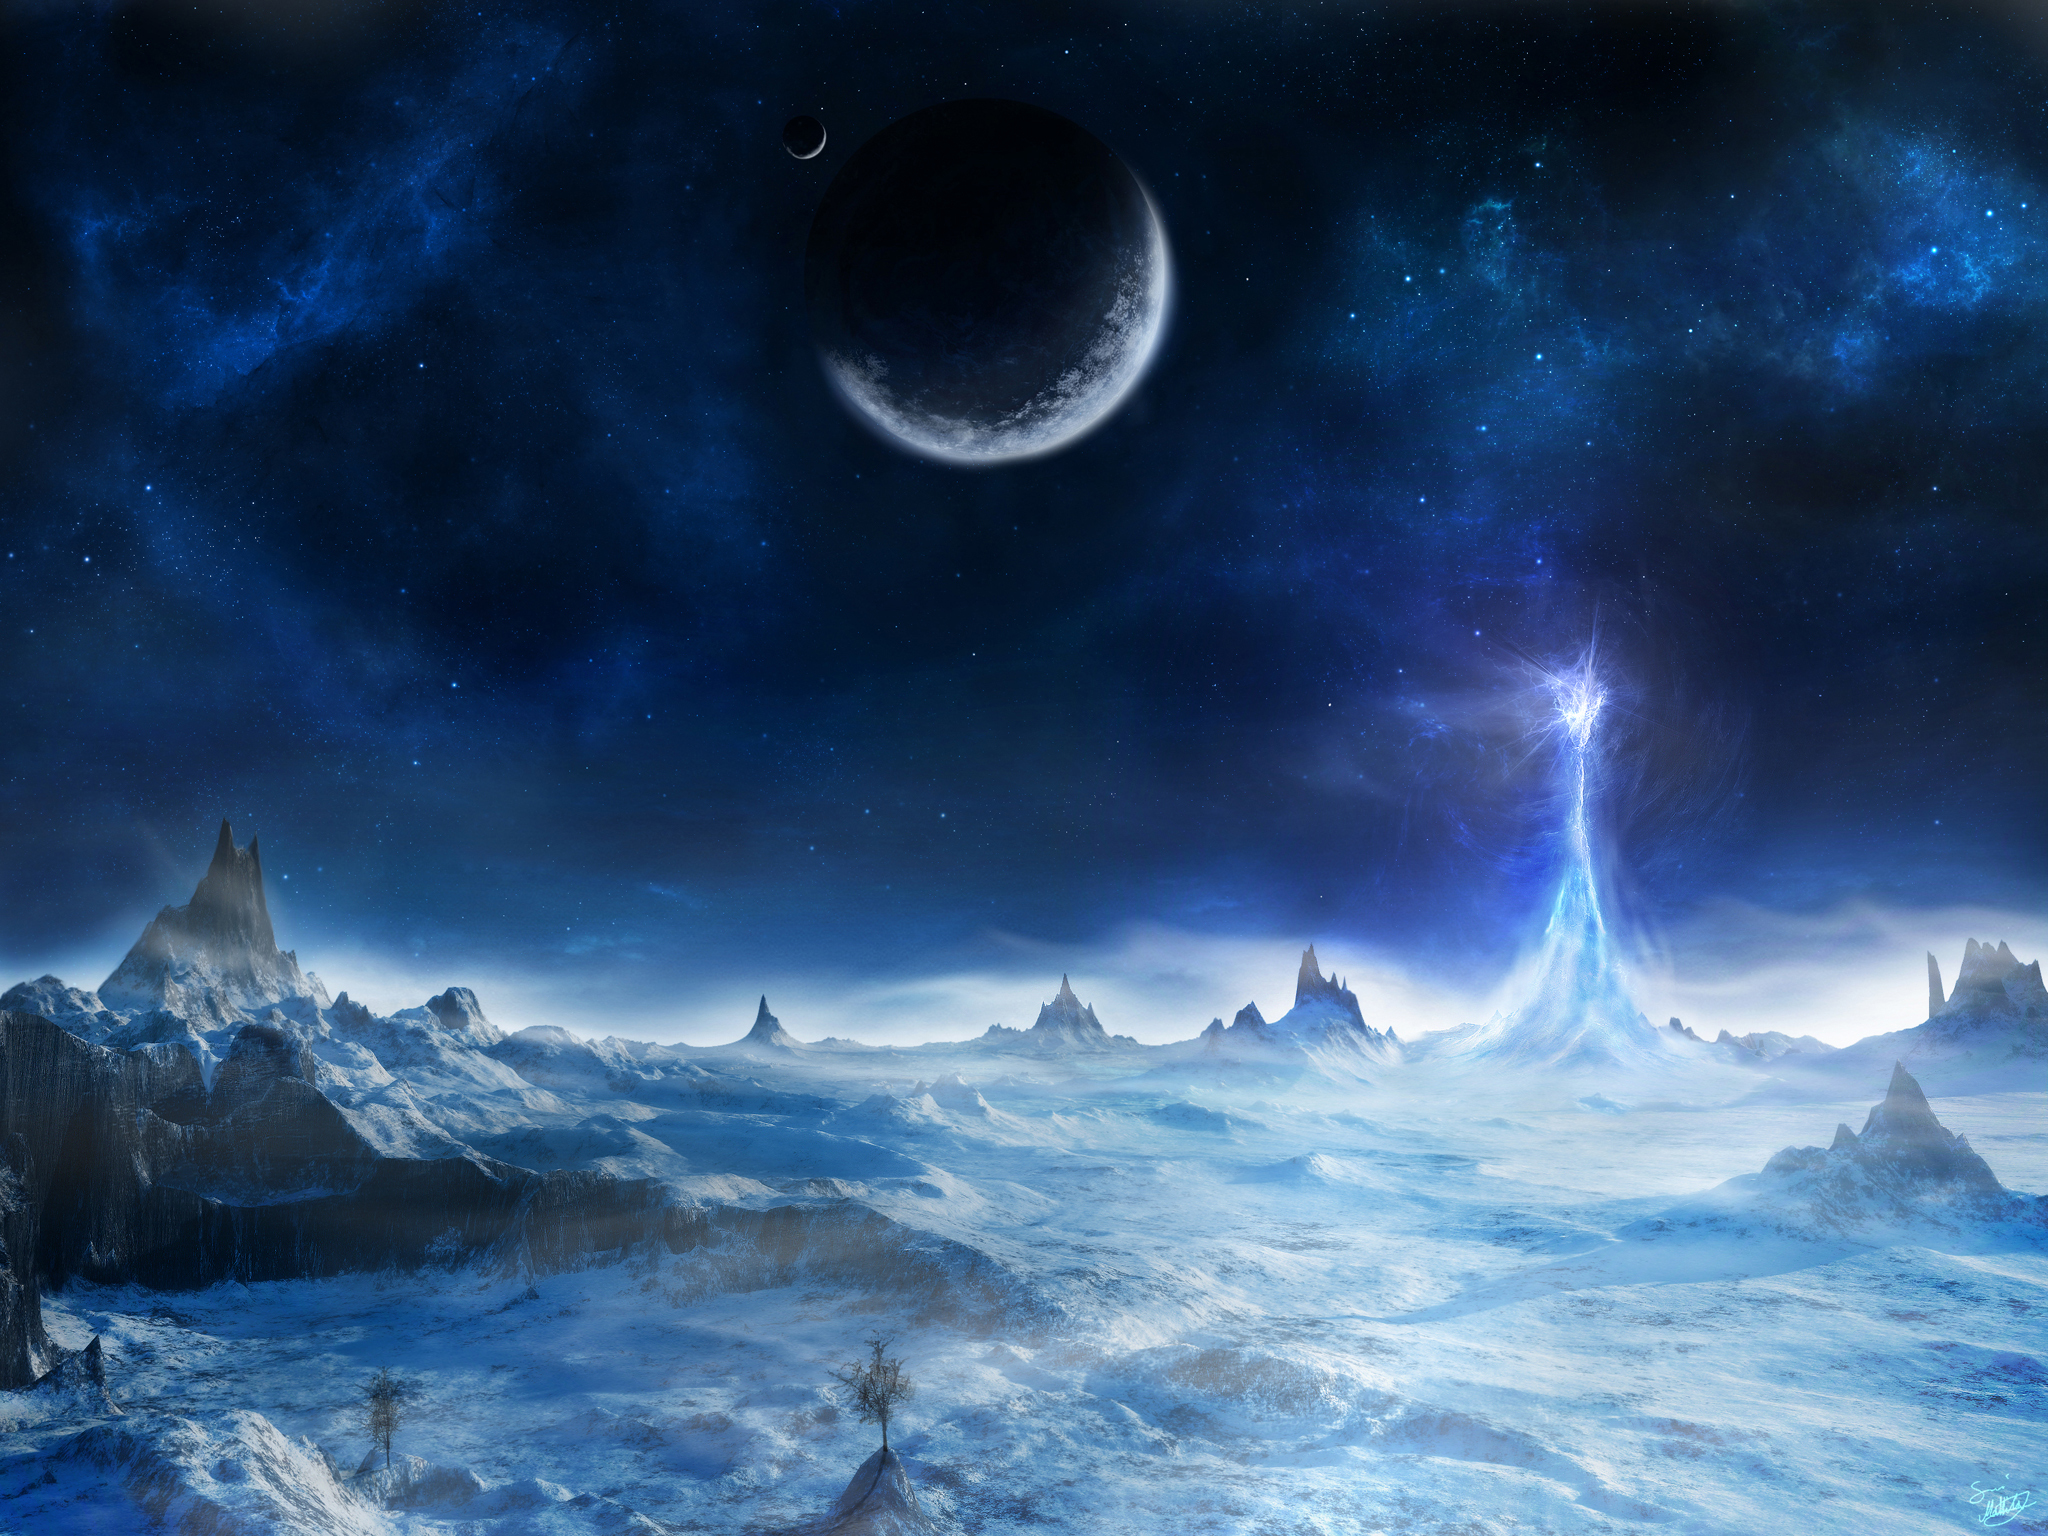 Картинка: планета, энергия, лед, поверхность, горы, зима, снег, небо, космос, звёзды